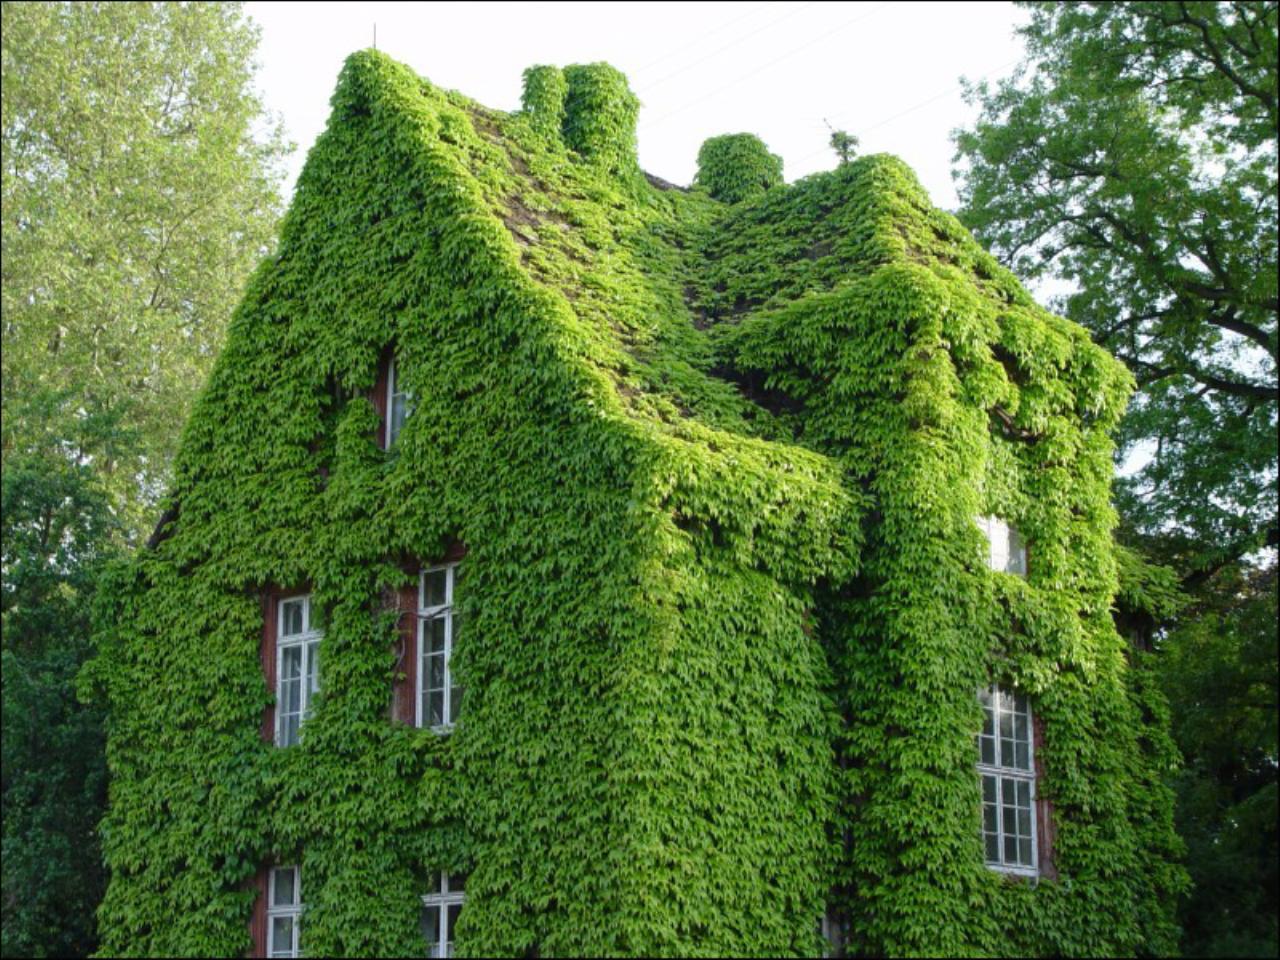 Sichtschutz Dunn Und Immergrun Gartenforum Auf Energiesparhaus At